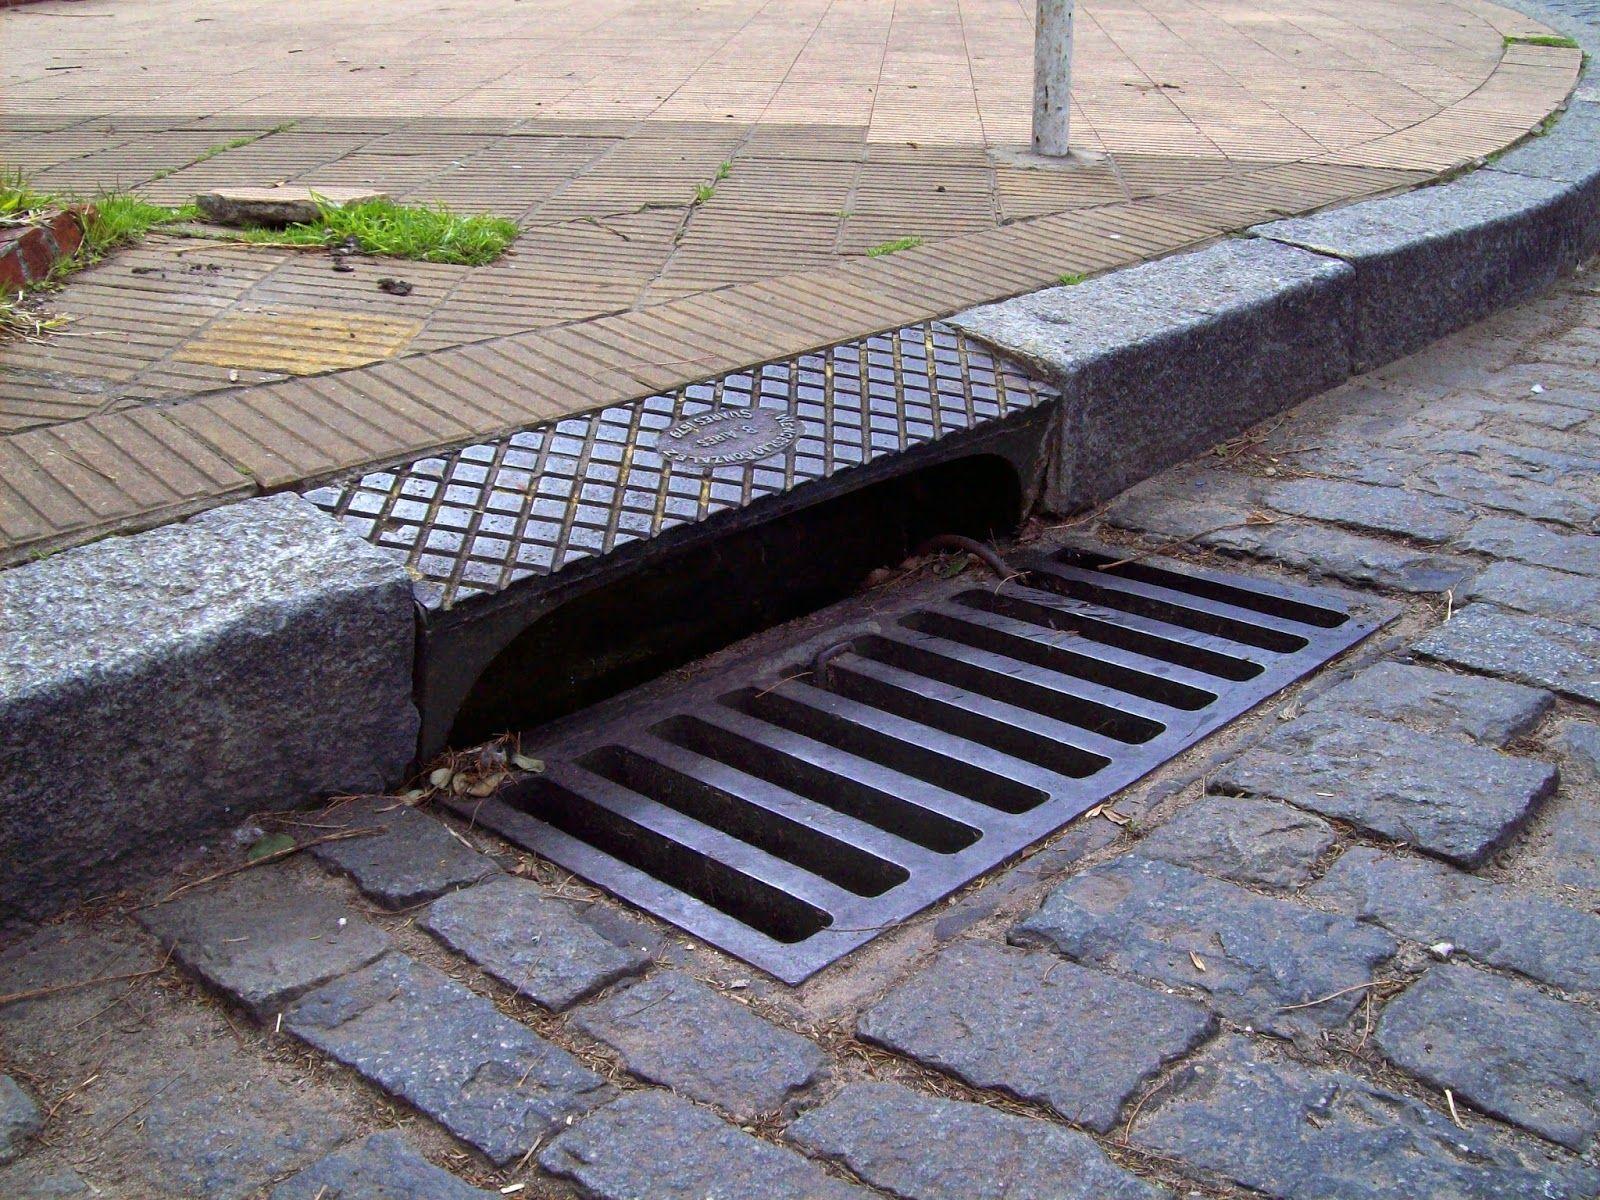 Catnip reccomend draining public road